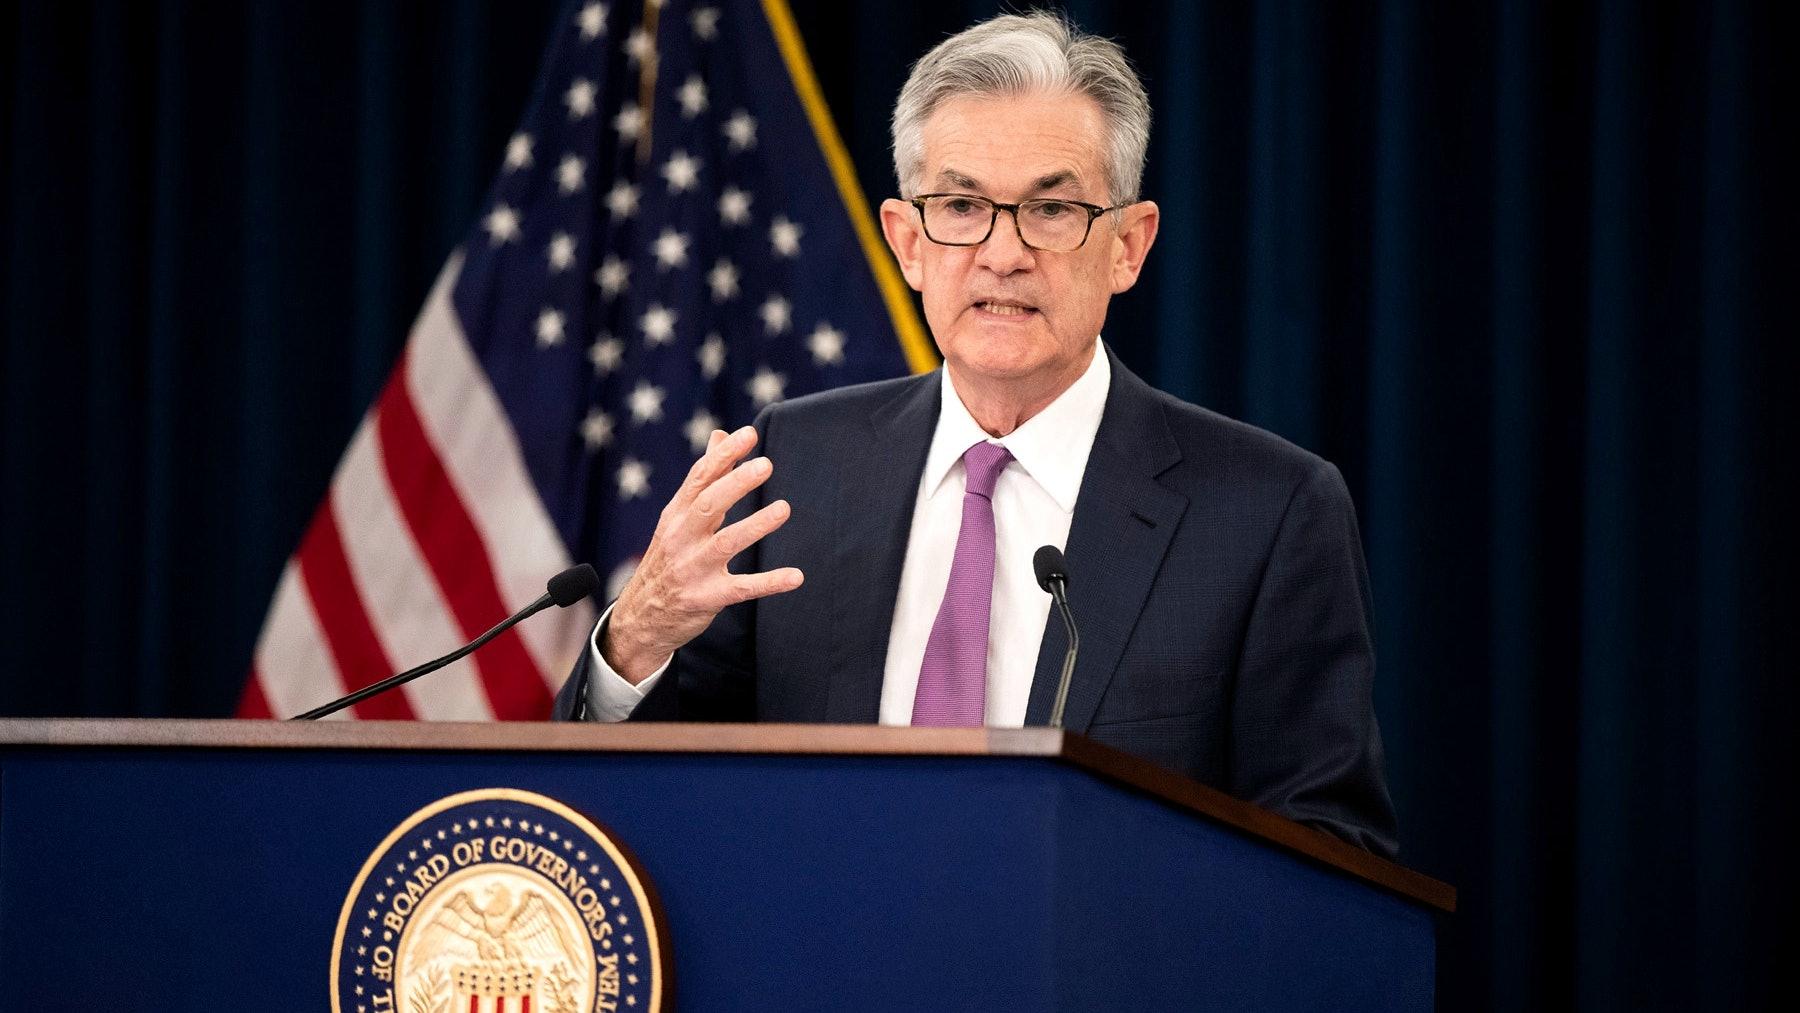 澳元汇率创三年来新高!盘中突破80美分大关